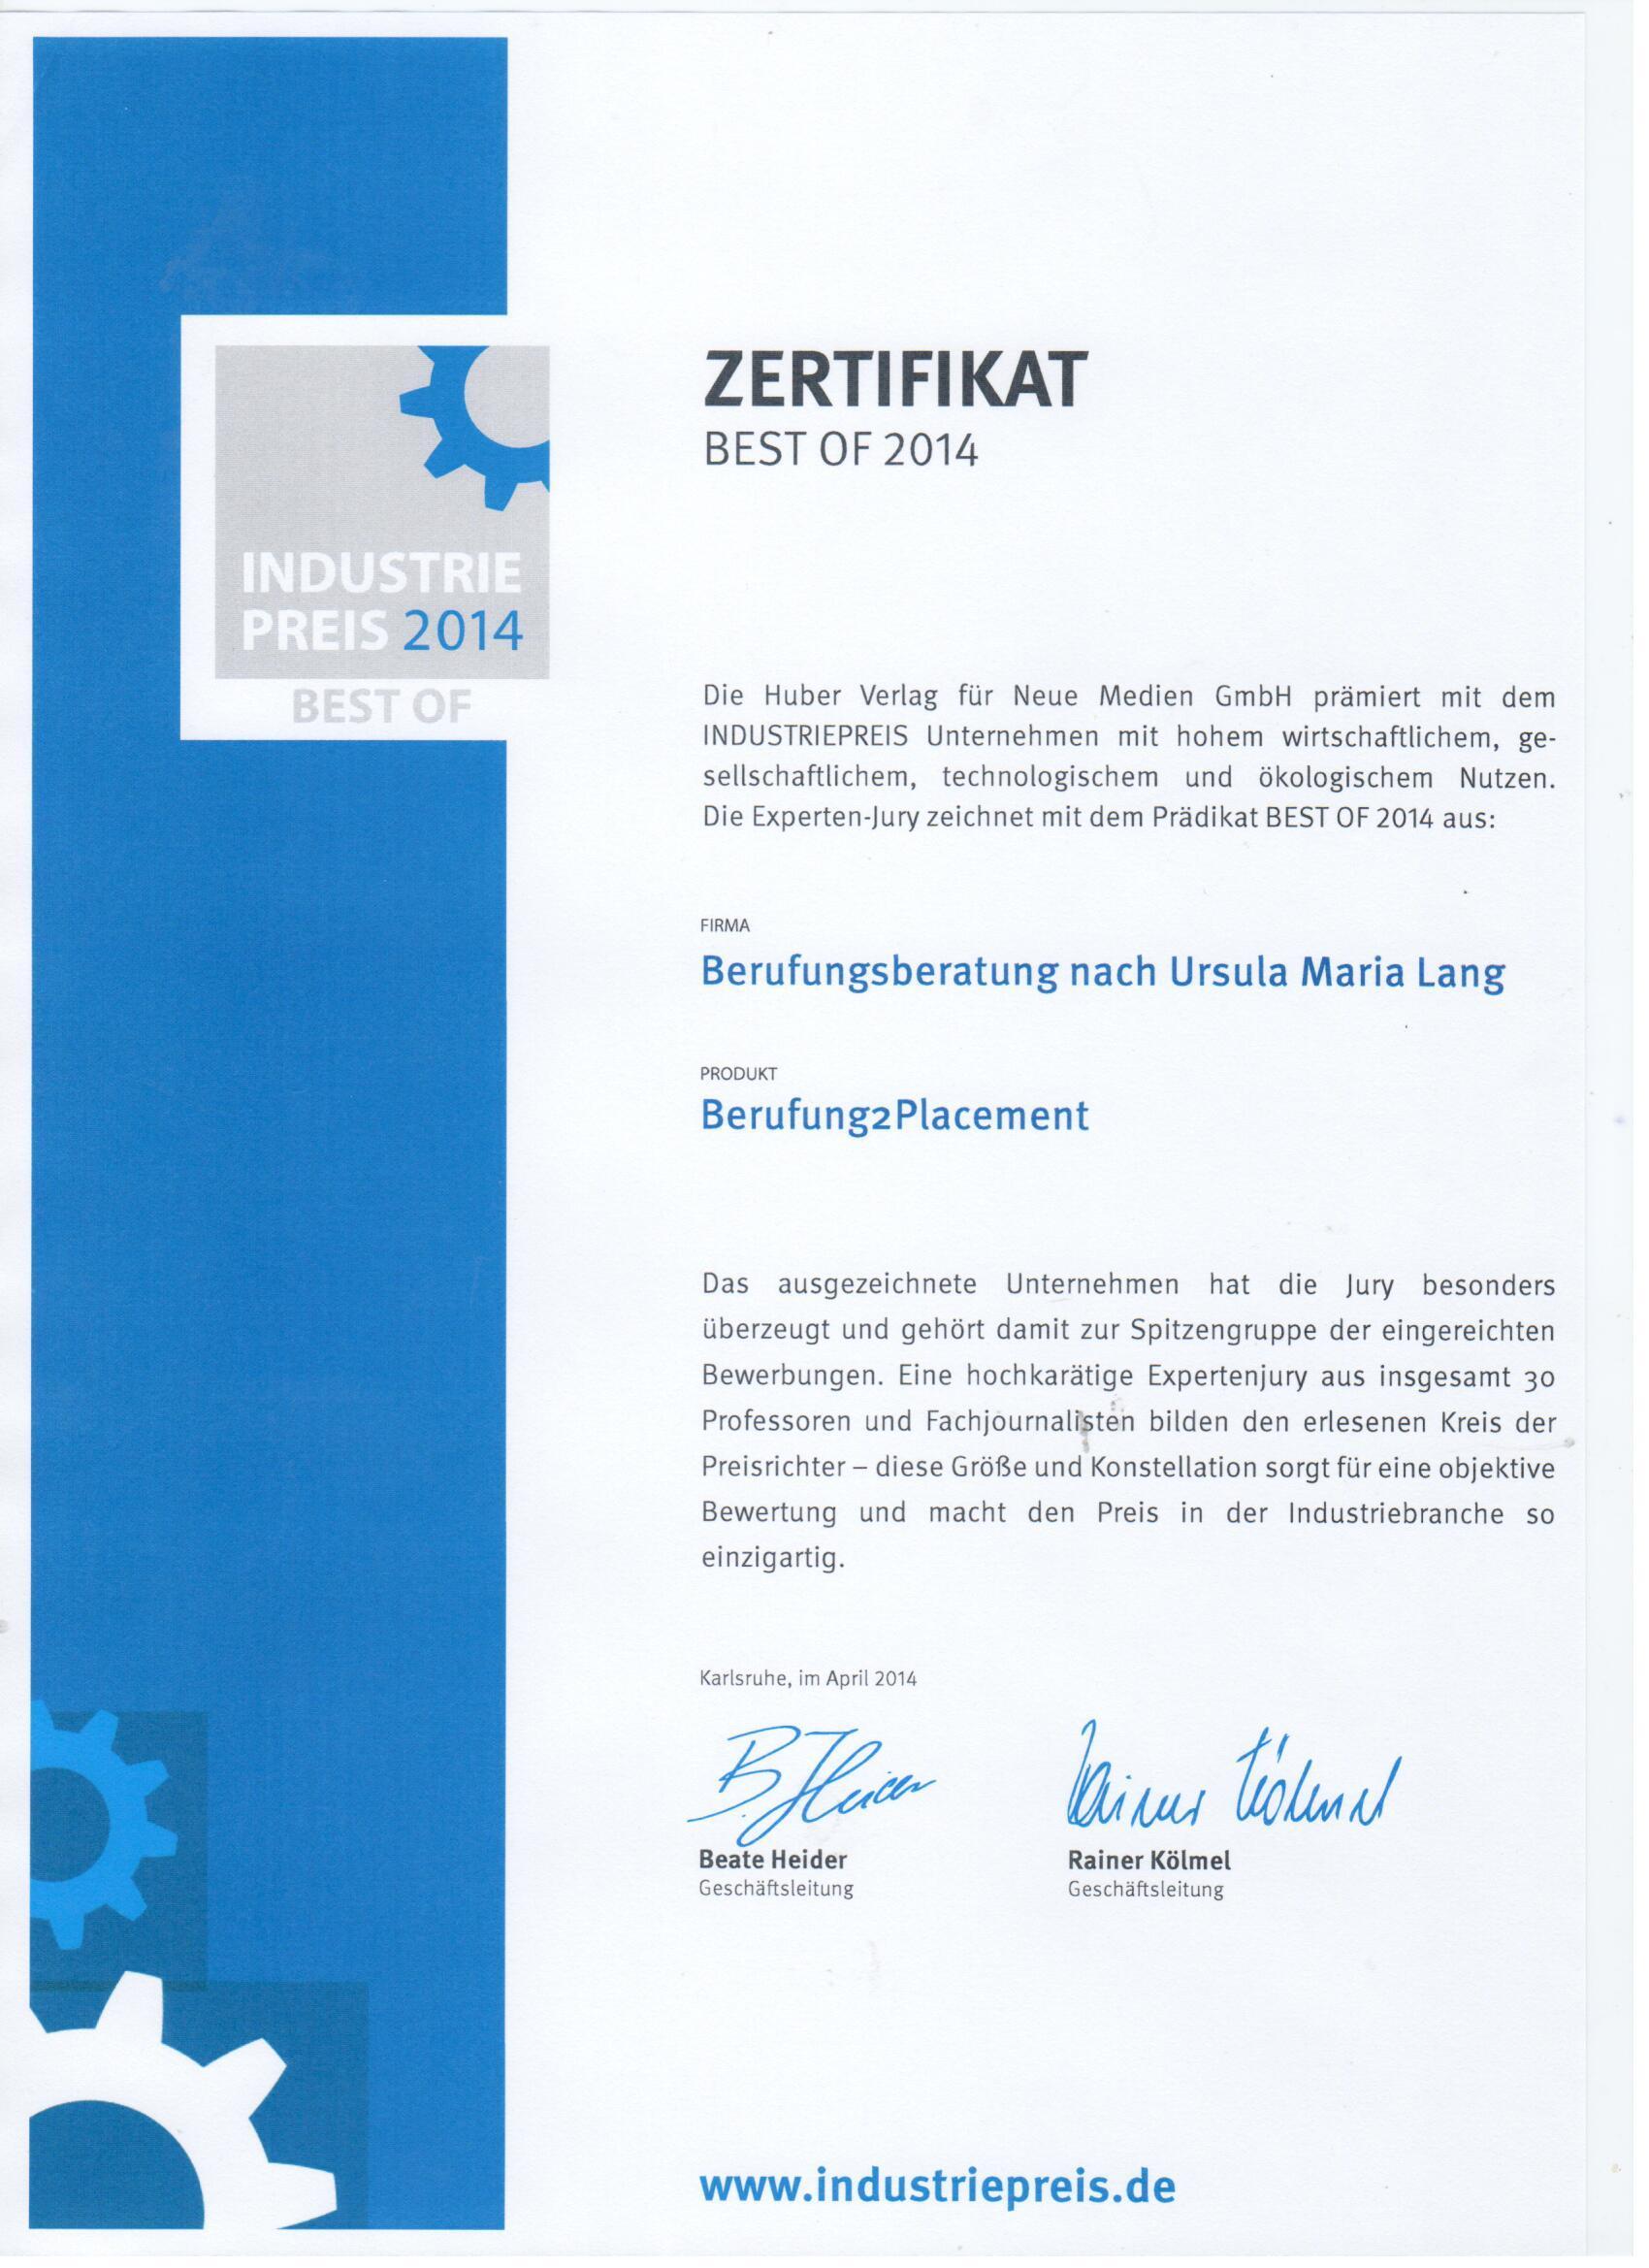 Berufungsberatung nach Ursula Maria Lang ausgezeichnet mit dem Deutschen Industriepreis 2014 - Best of Dienstleistungen